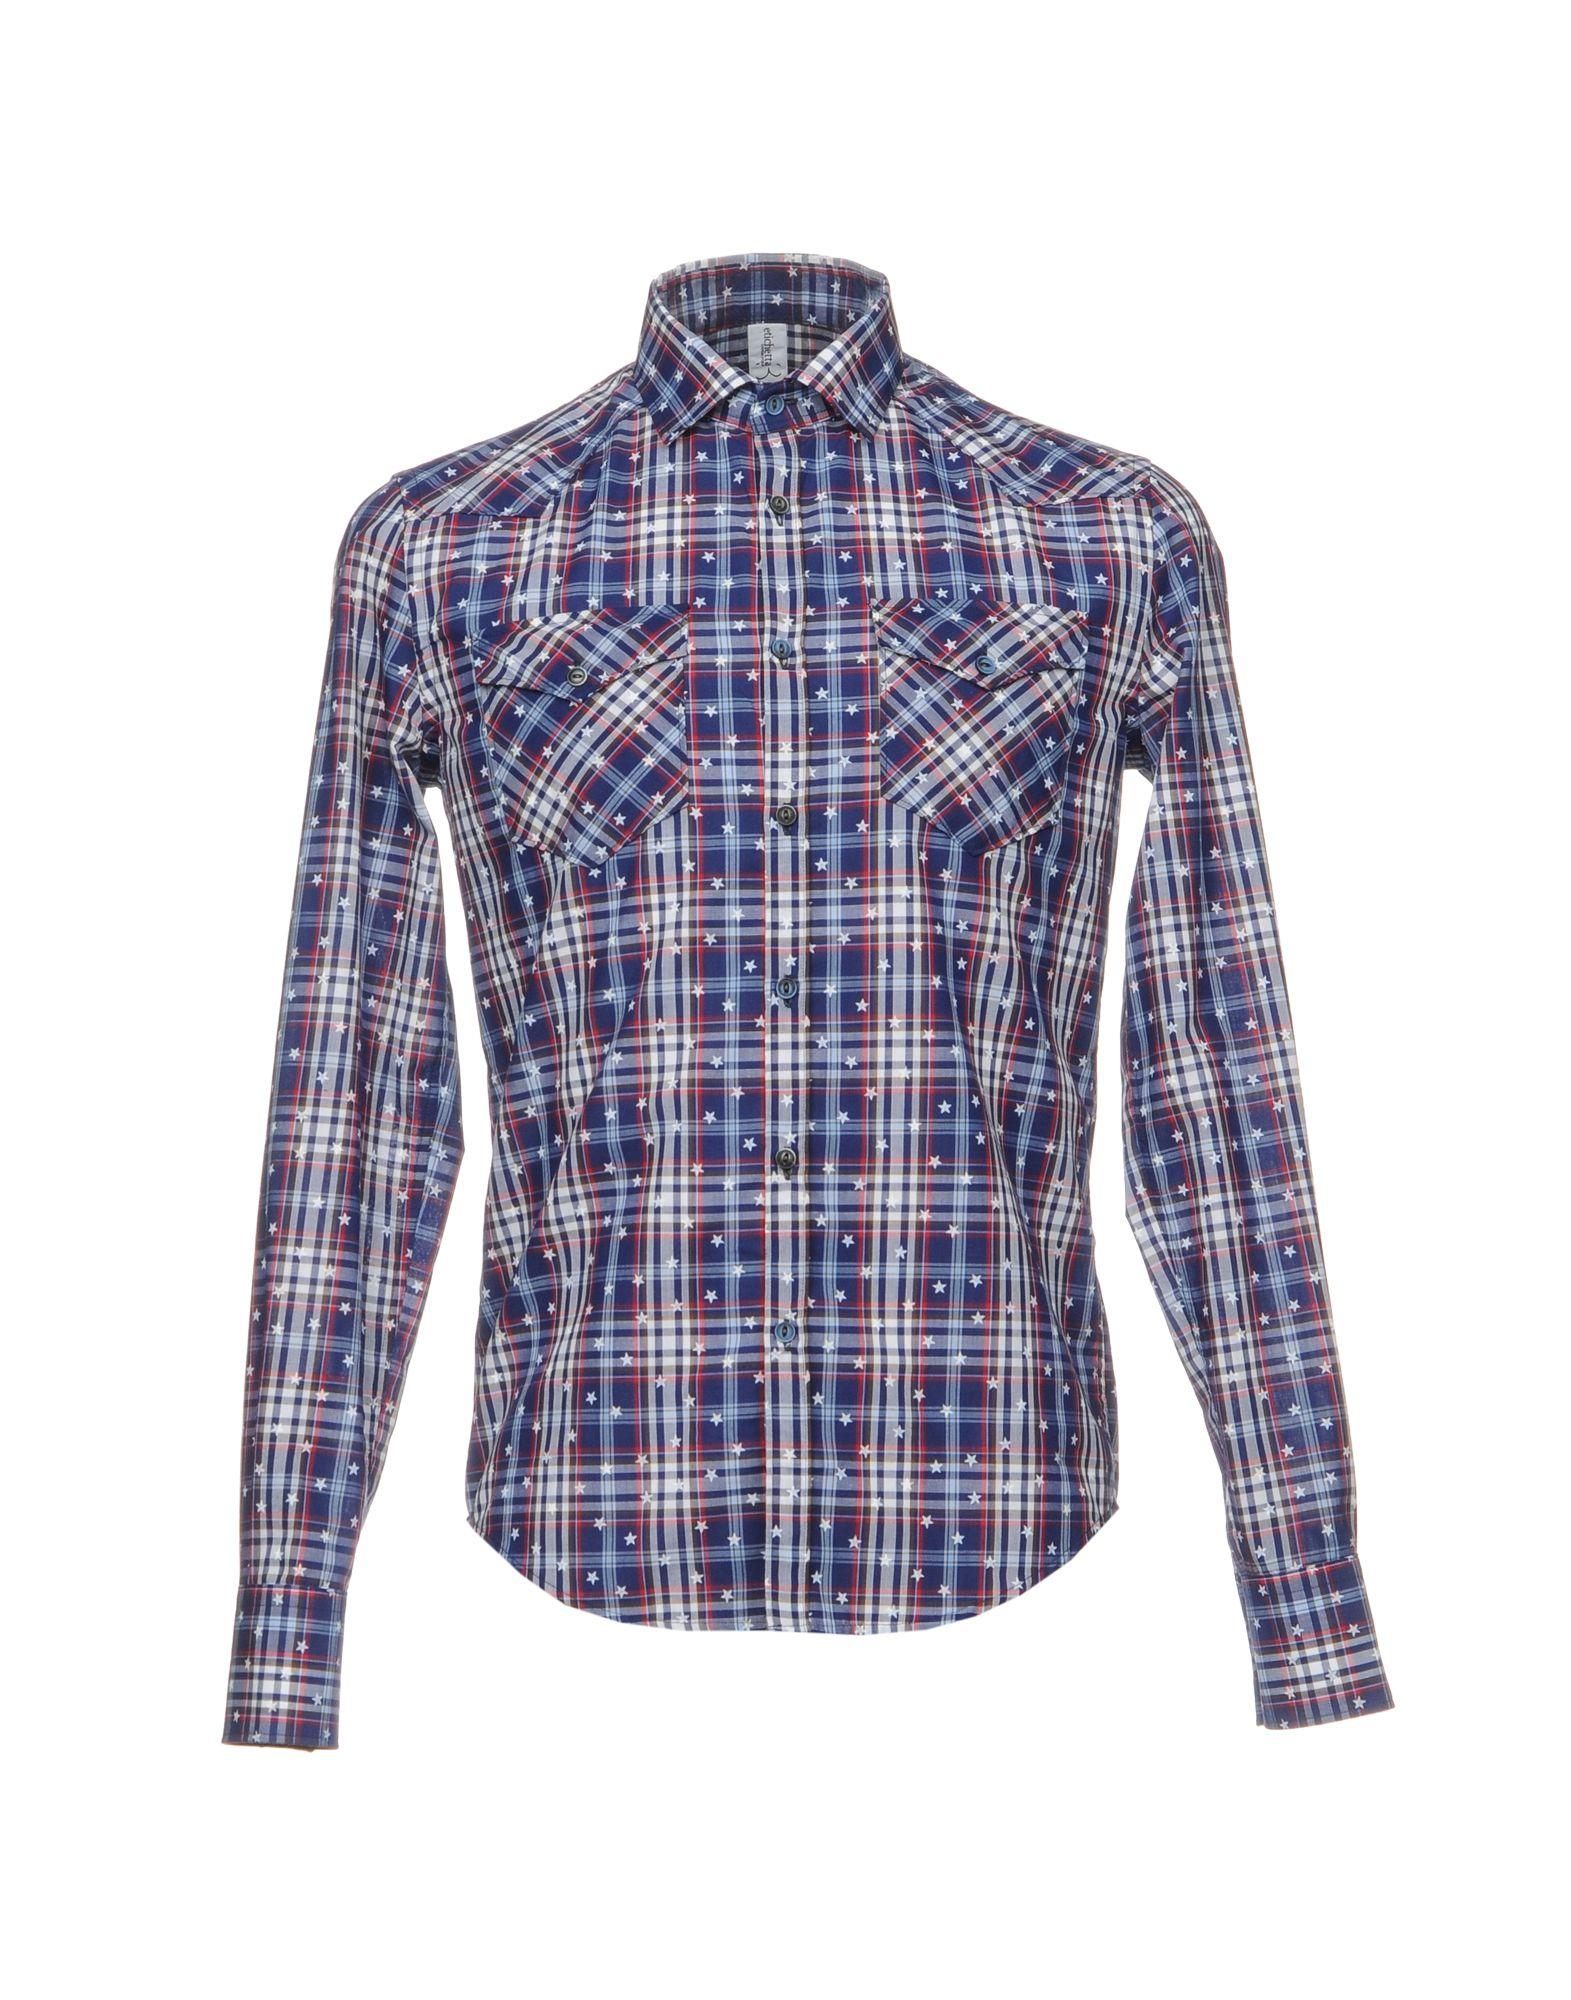 ФОТО etichetta 35 pубашка